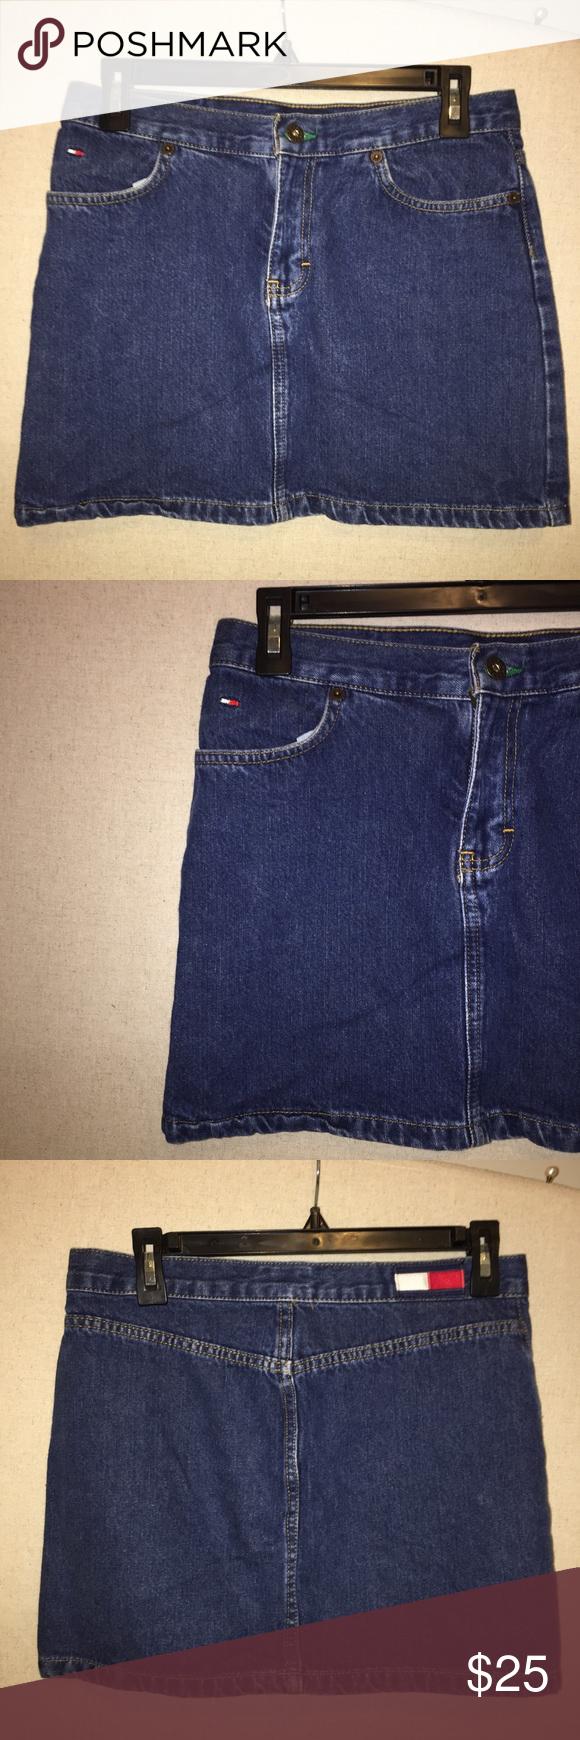 90's Tommy Hilfiger Denim Skirt 10/10 condition, dark denim wash, clean, super cool 90s style 🦋 Tommy Hilfiger Skirts